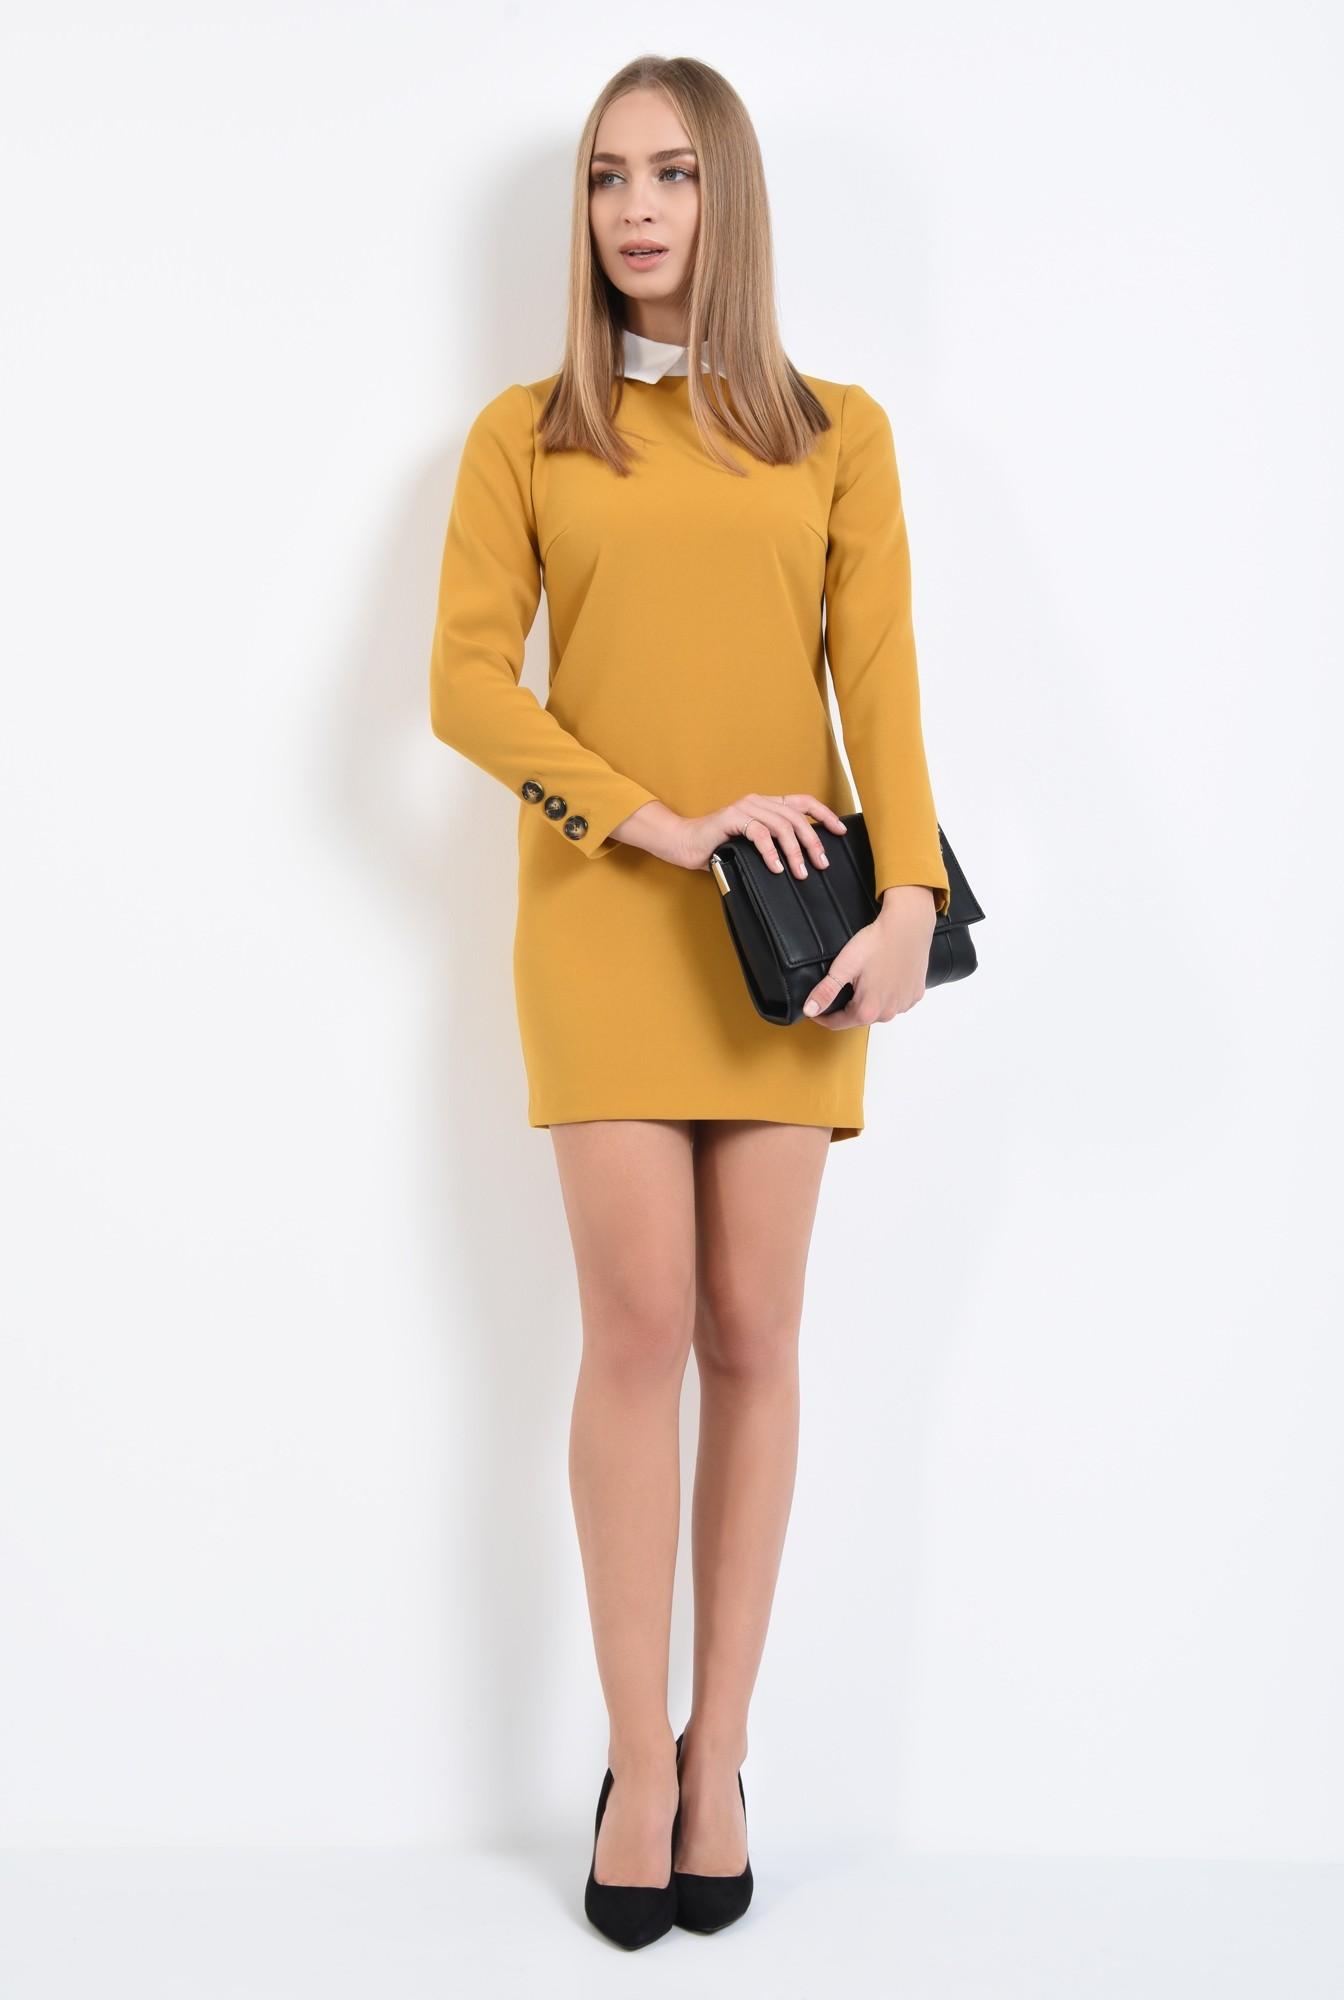 3 - rochie casual, croi drept, guler alb, rochii online